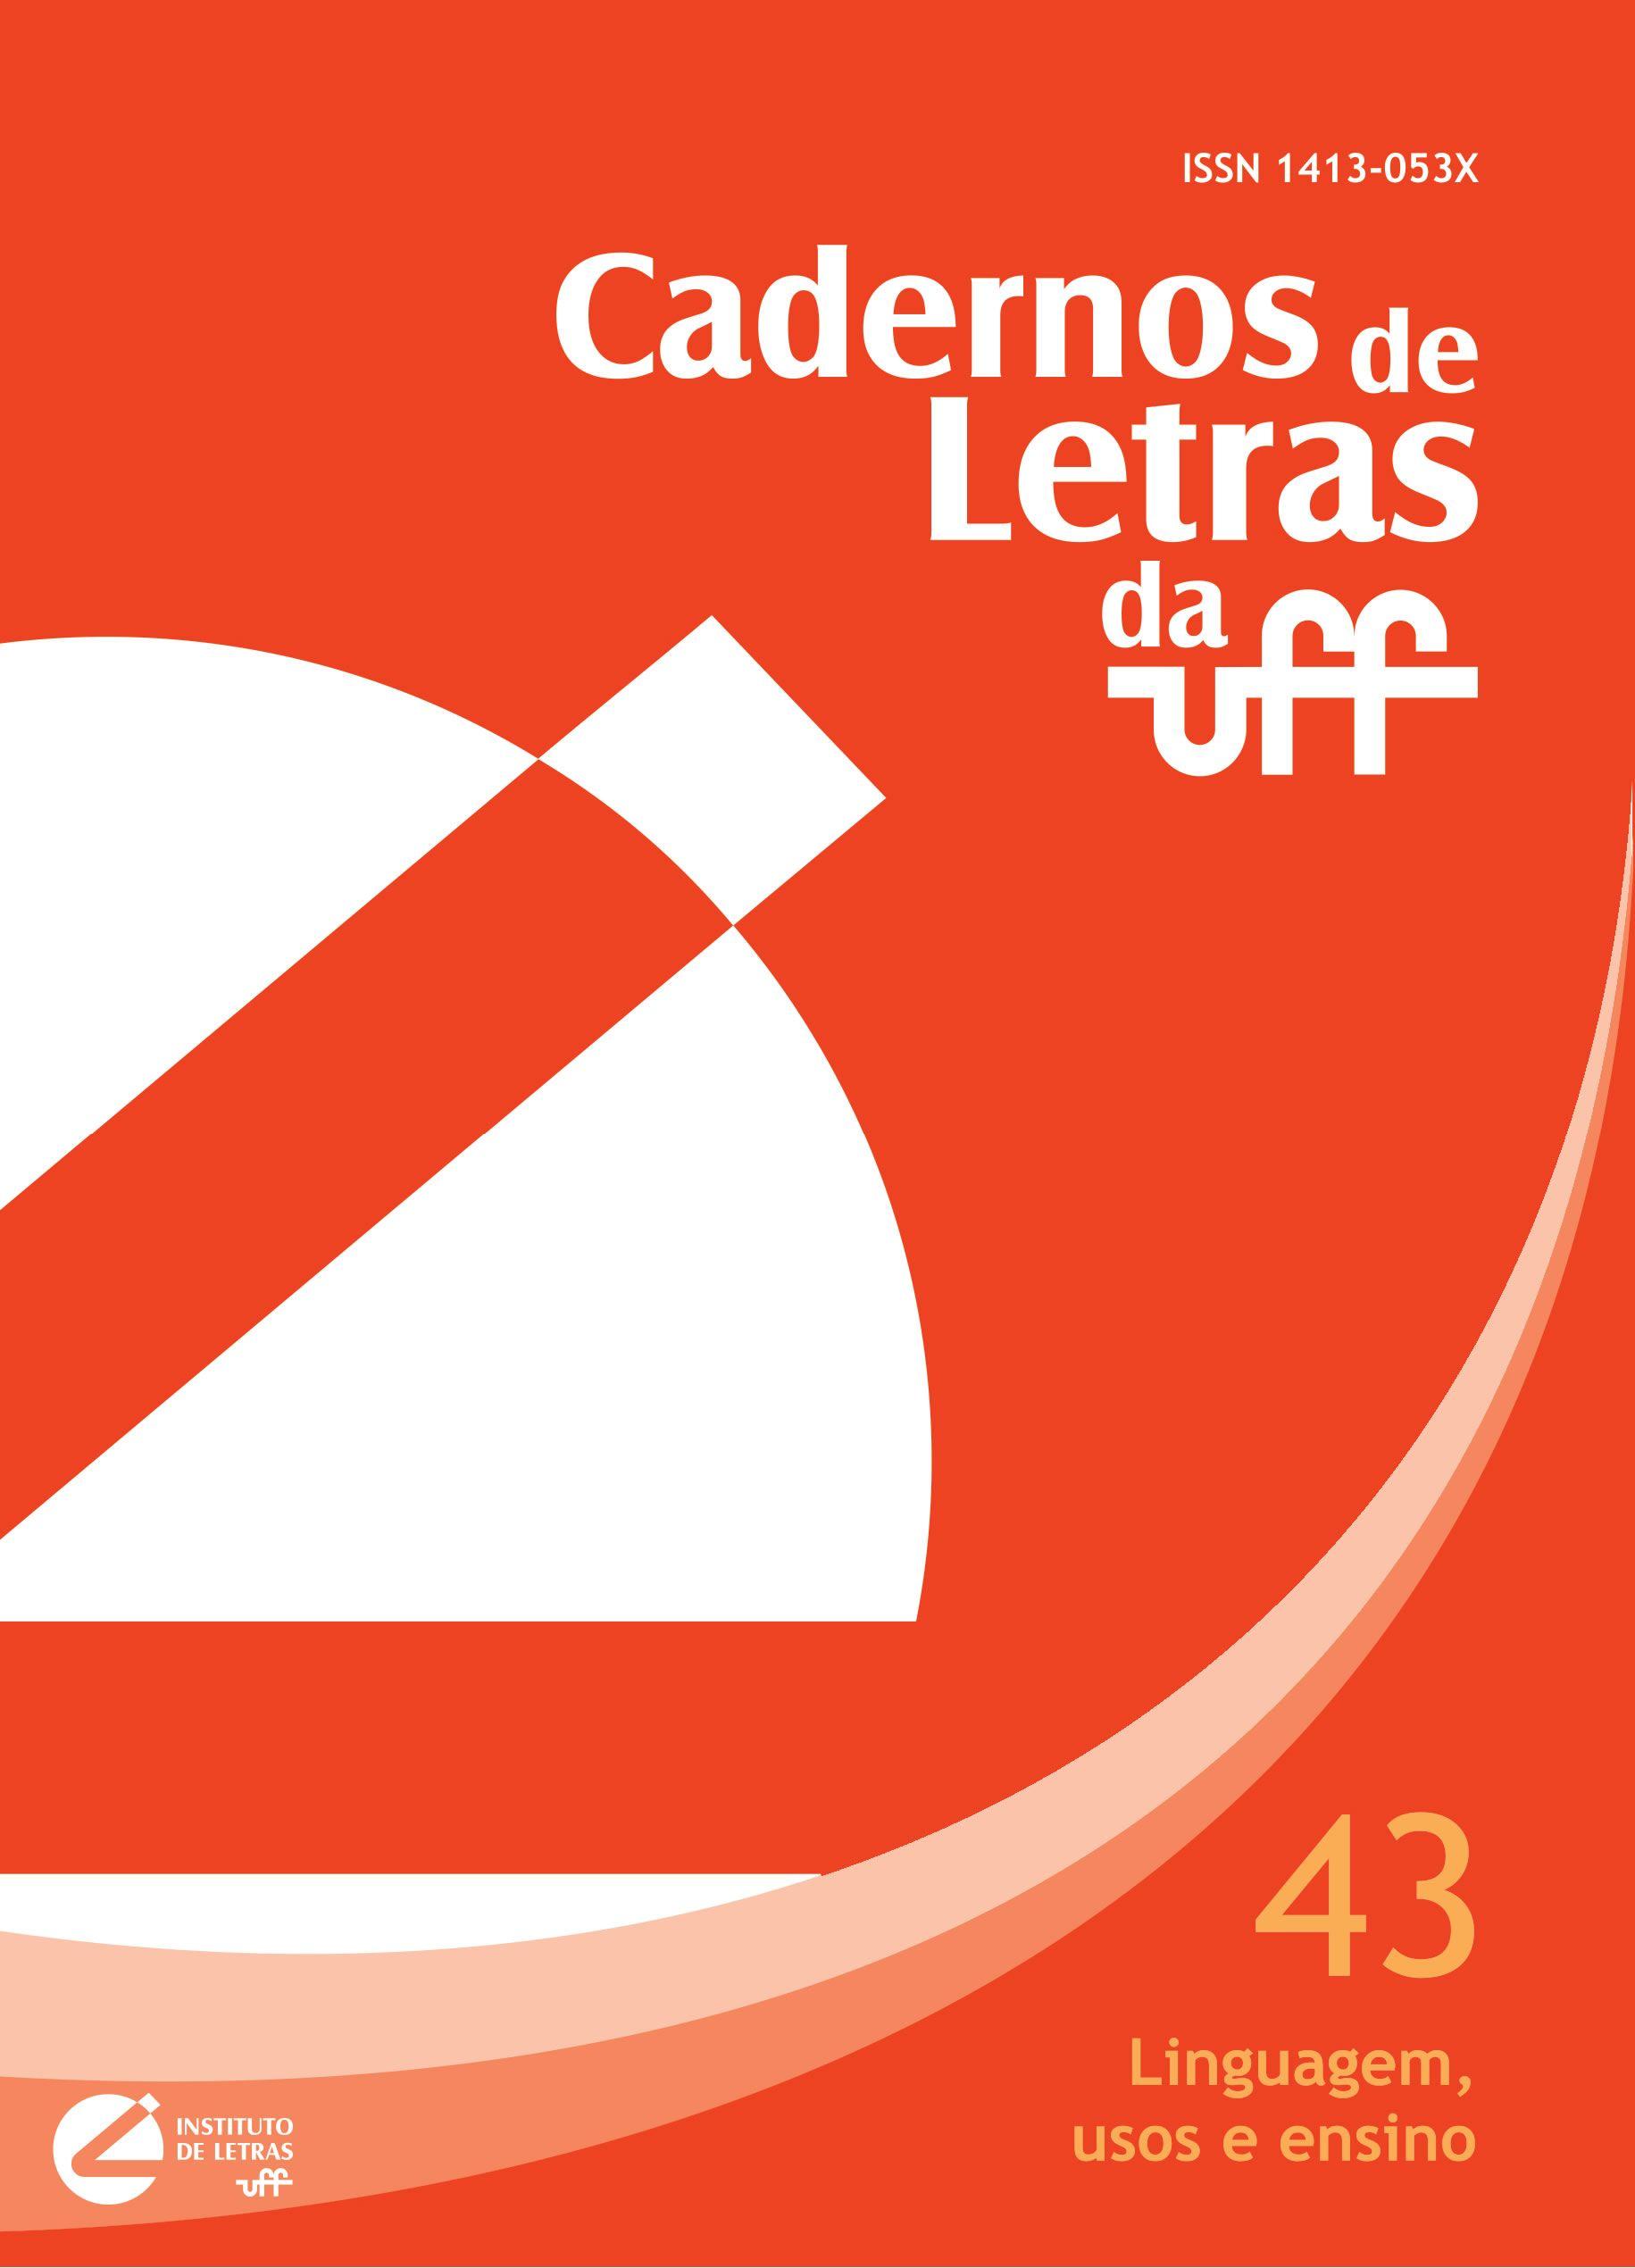 Teoria Cadernos De Letras Da Uff Letras Literatura E Linguagem